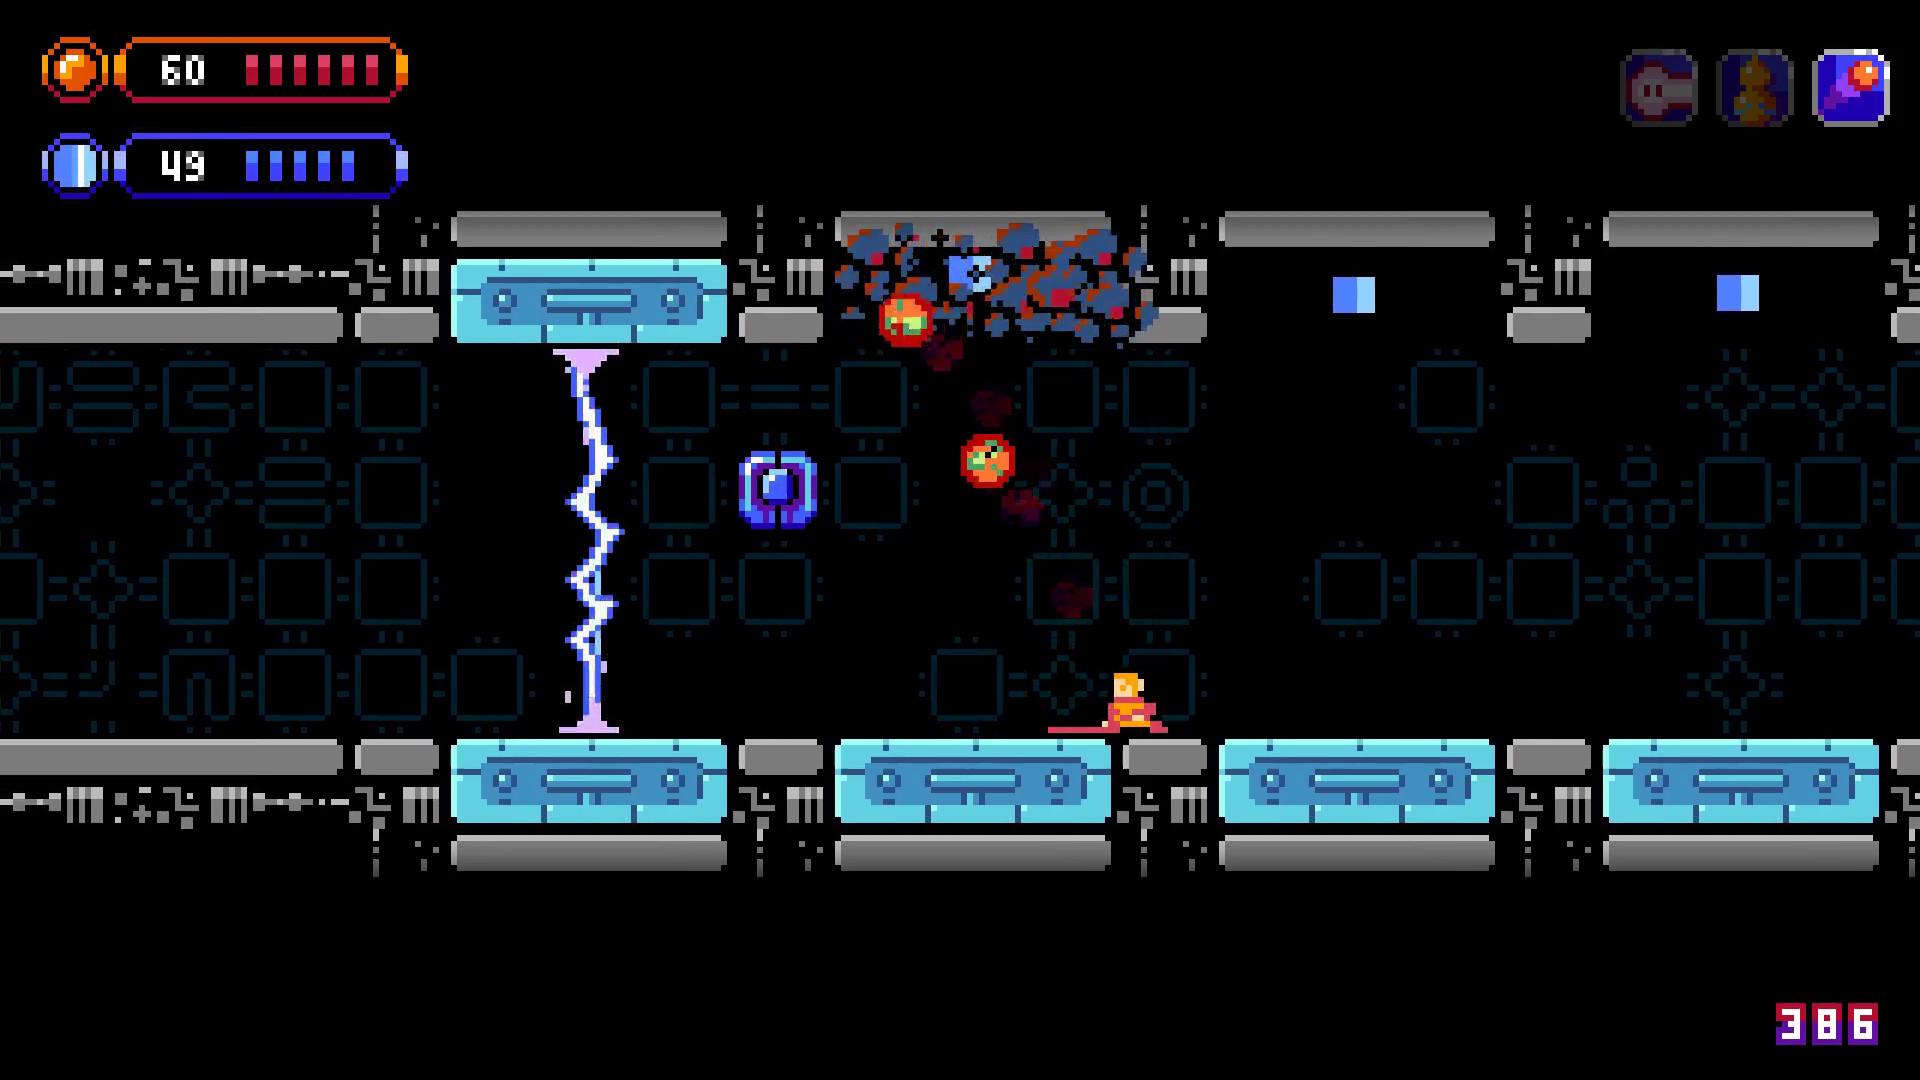 国产横版动作游戏《孙悟空大战机器金刚》上架Steam